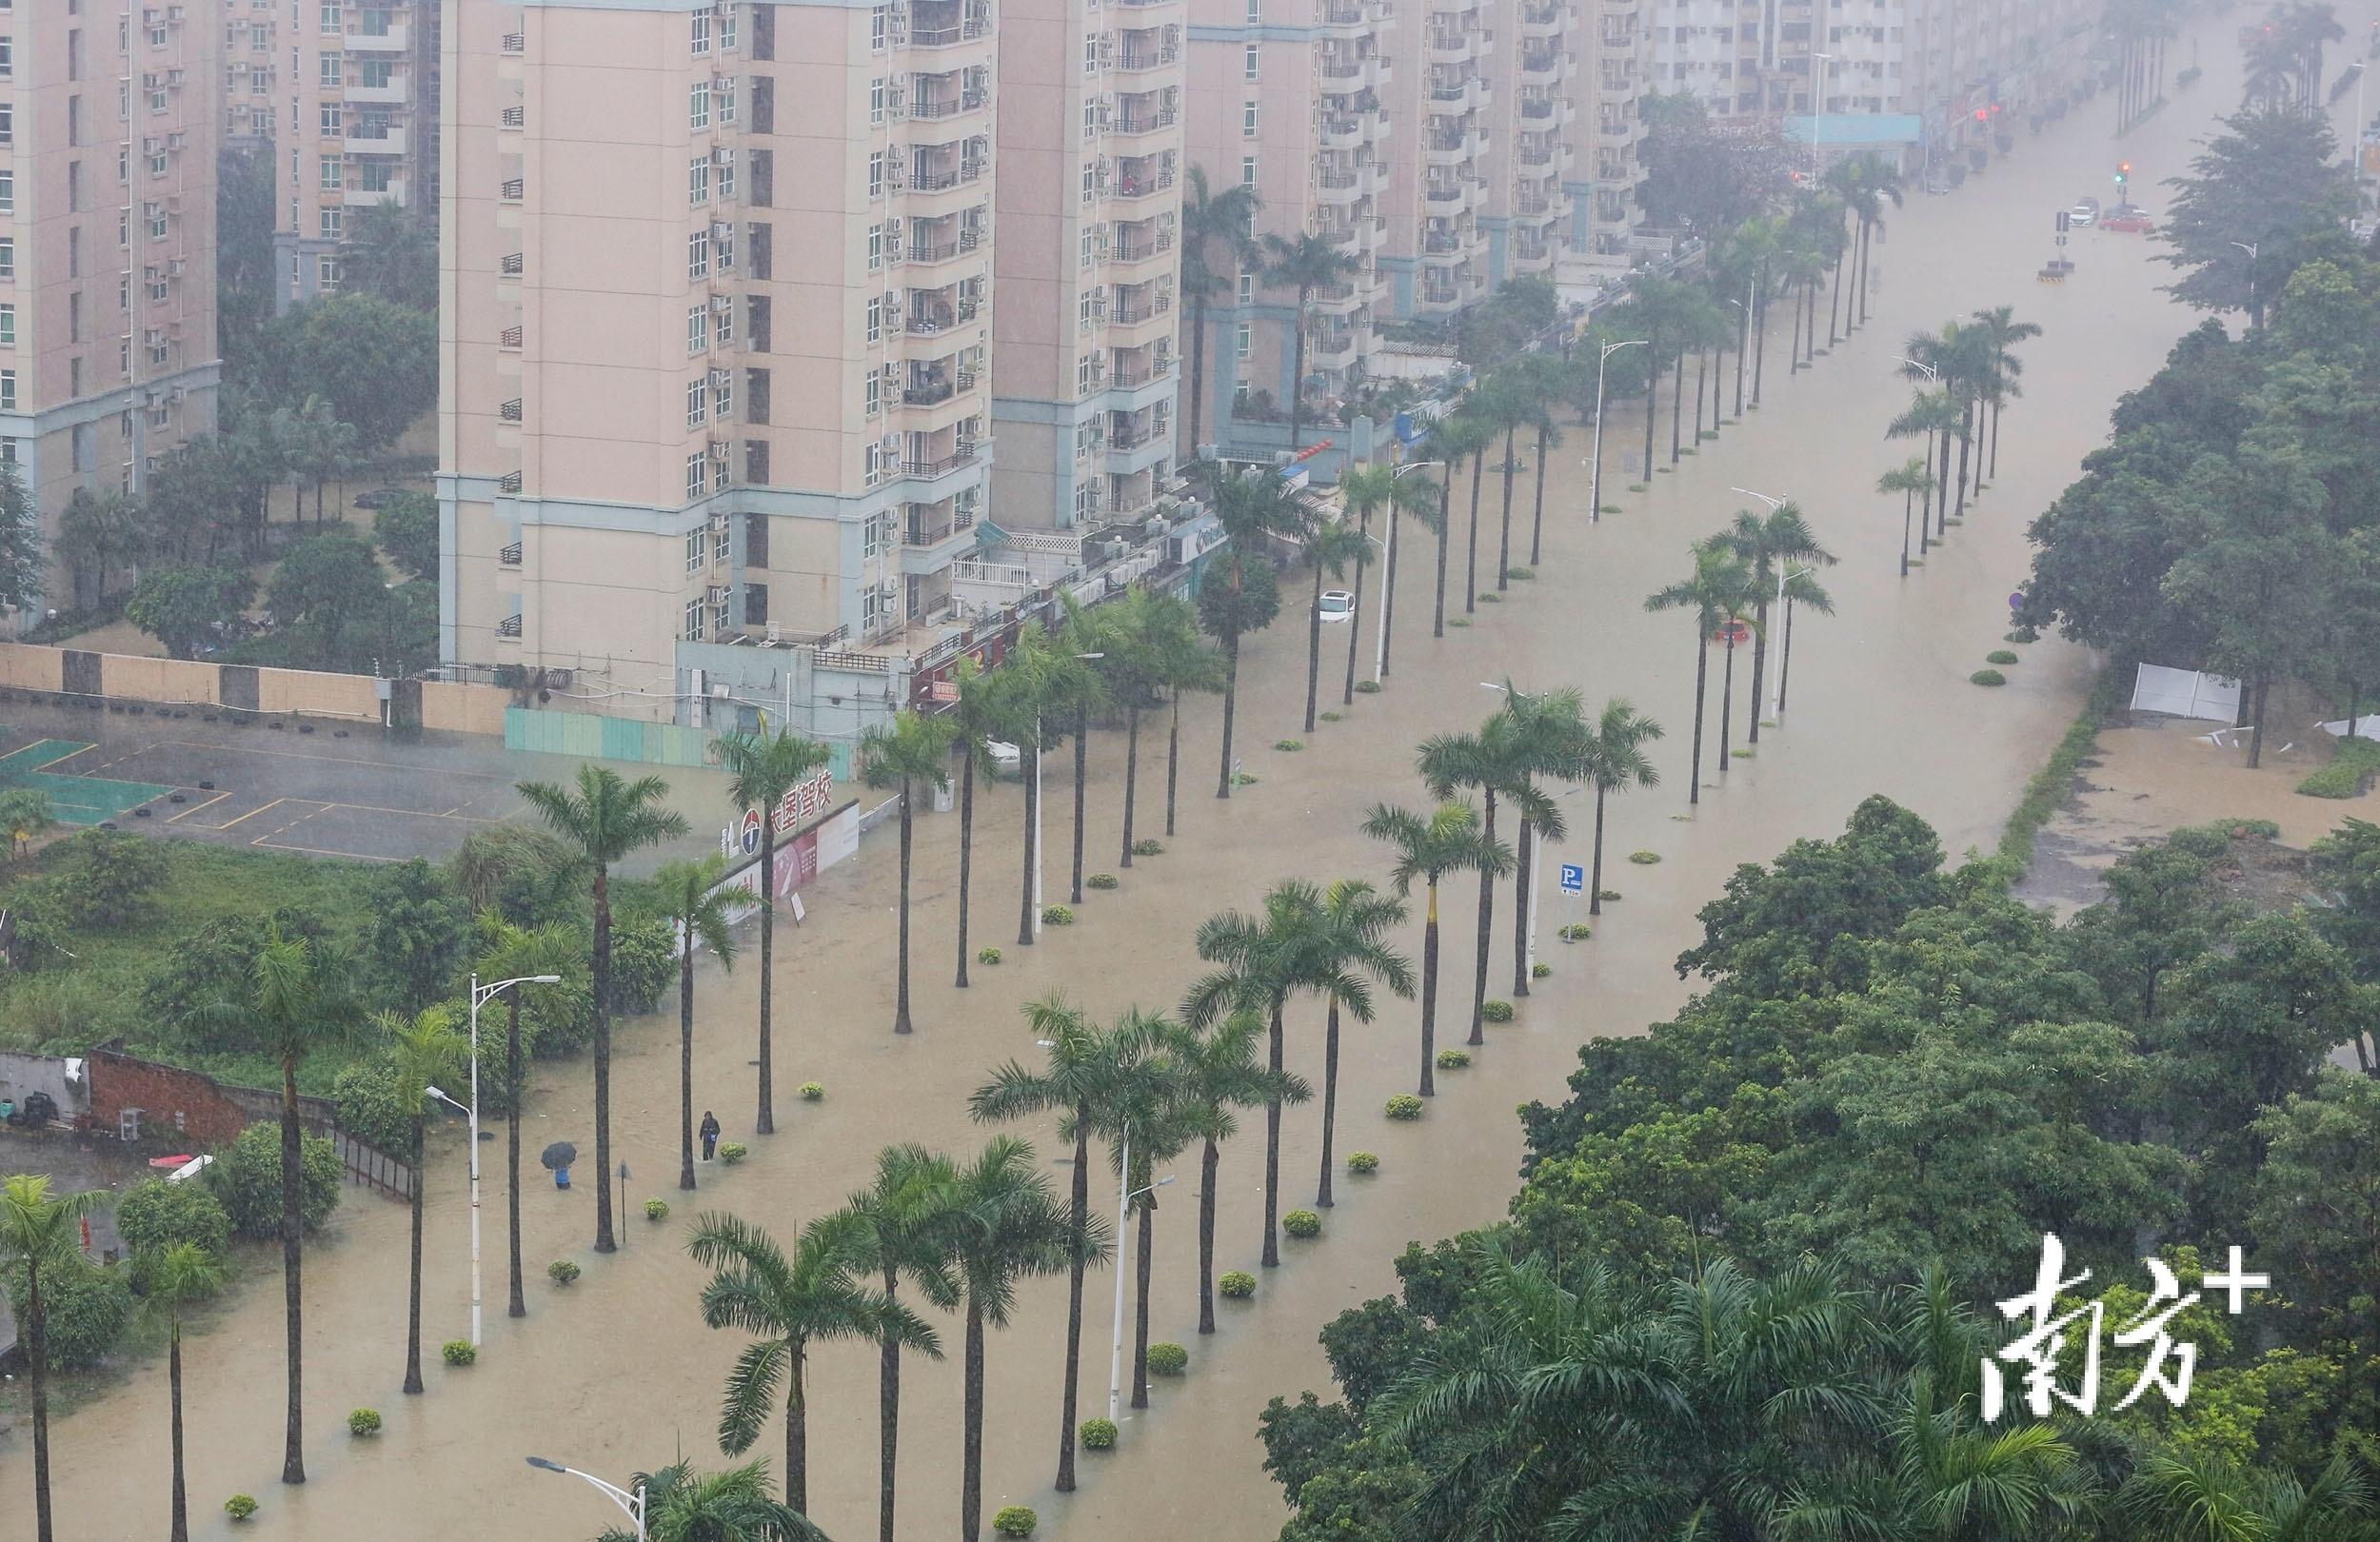 10月10日13时15分,雨水未停,三乡镇新城路水浸严重。 南方+ 叶志文 摄